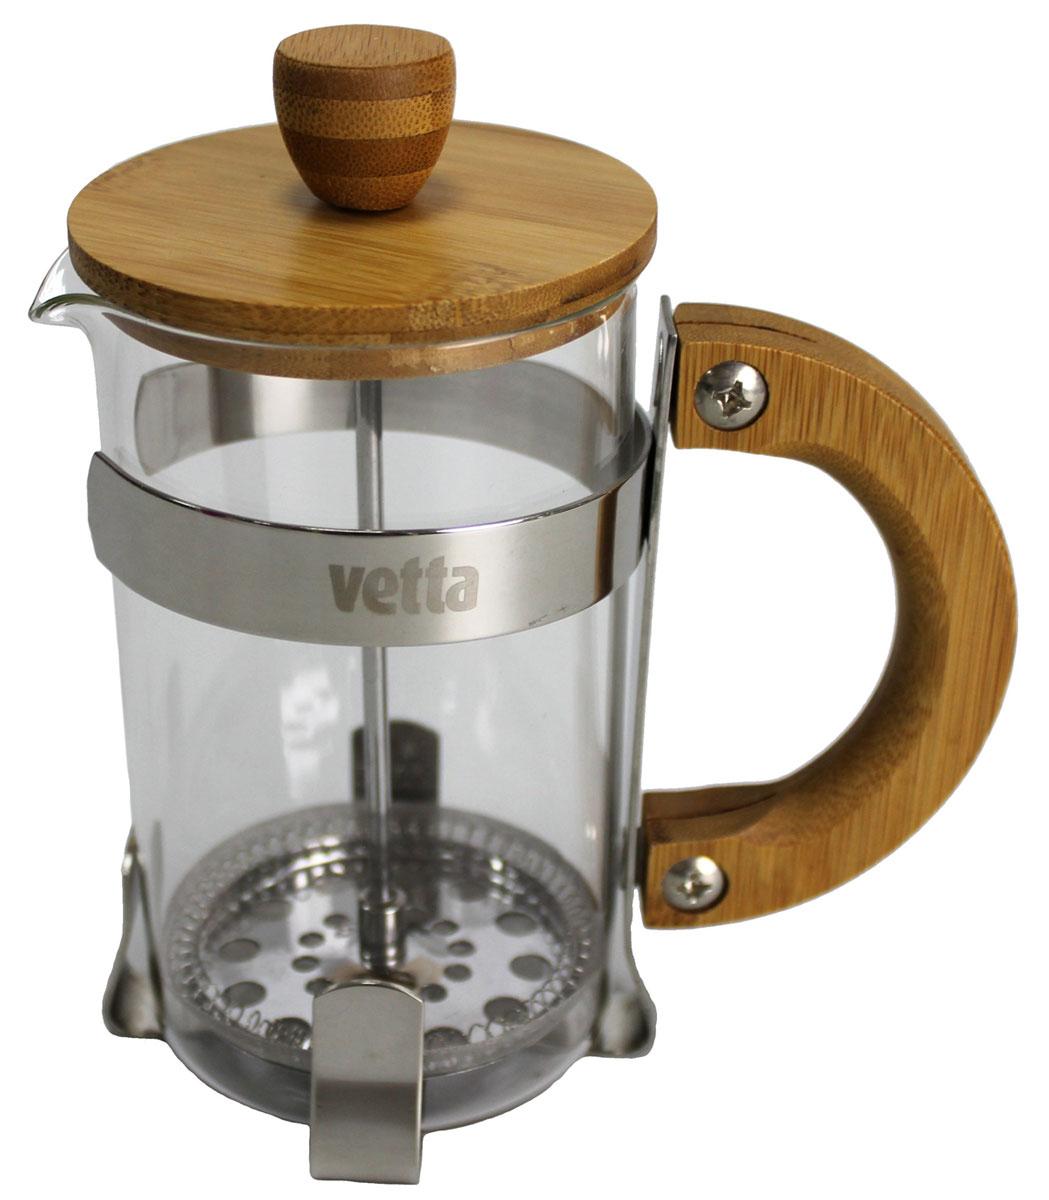 Френч-пресс Vetta, 600 мл. 850120850120Френч-пресс Vetta изготовлен из нержавеющей стали, жаропрочного стекла и бамбука. Фильтр из нержавеющей стали. Френч-пресс позволит быстро и просто приготовить свежий и ароматный кофе или чай.